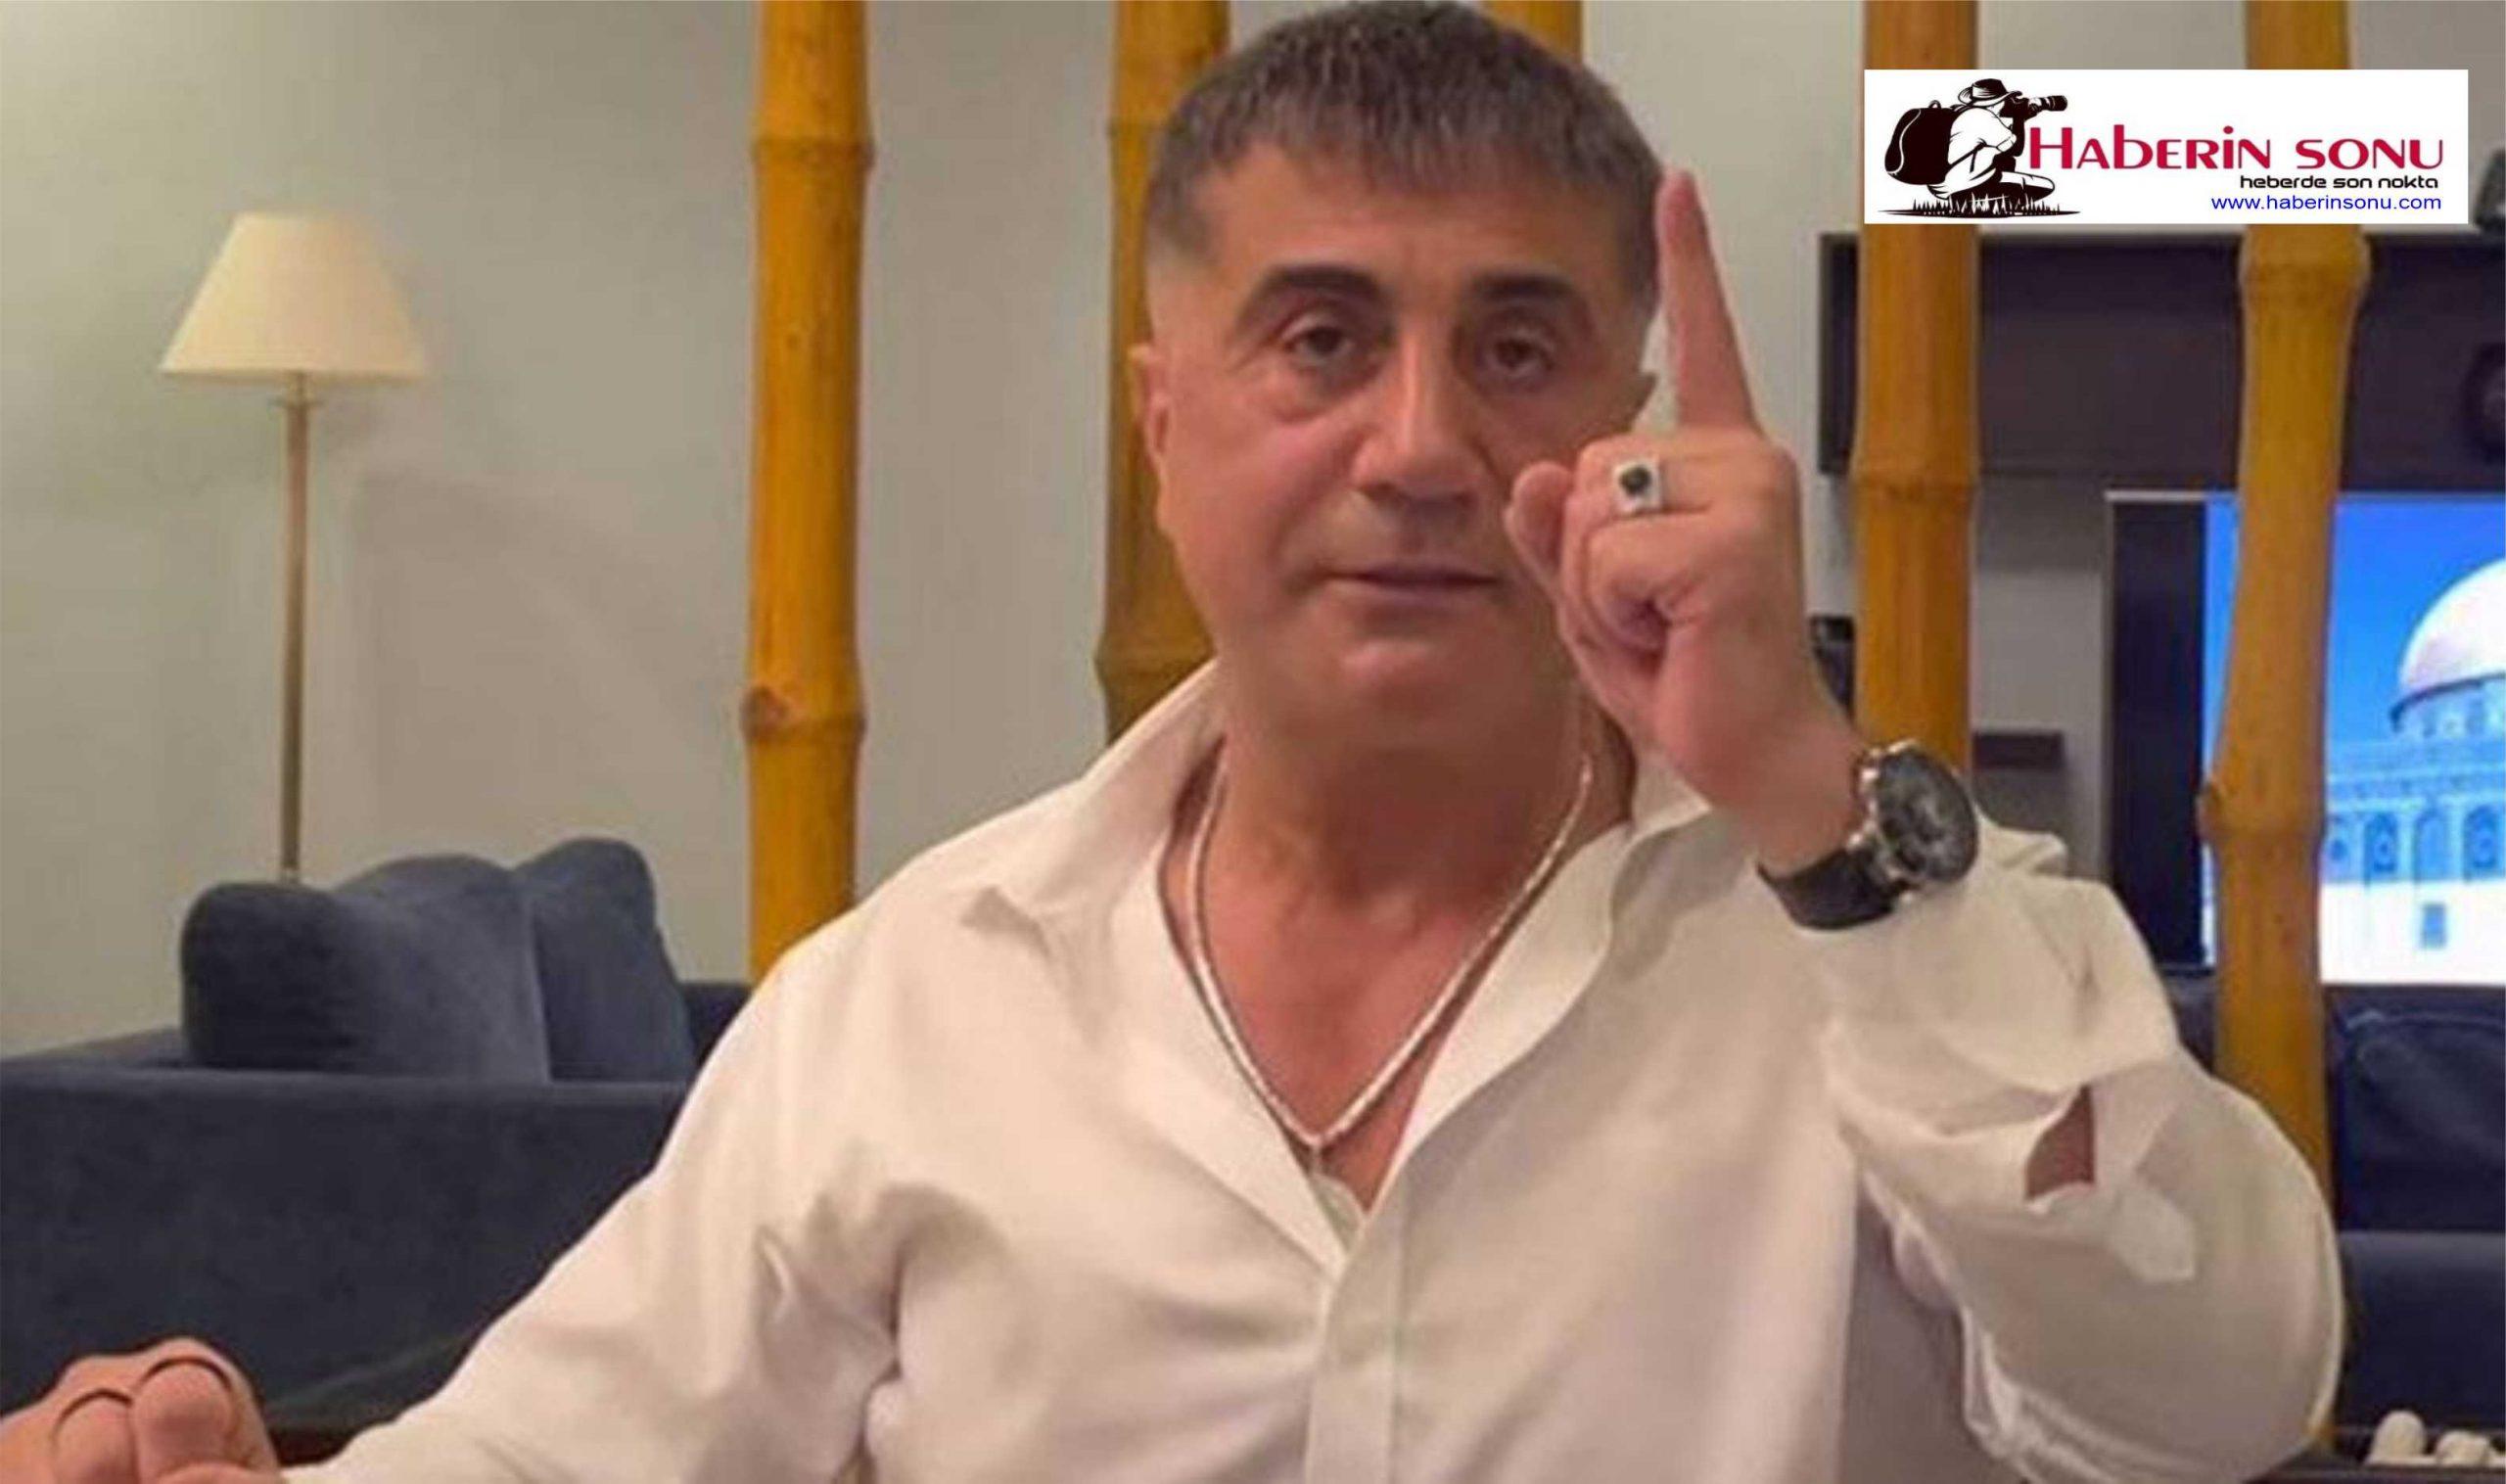 Bomba İddia: Türkiye, Sedat Peker İçin Takas Teklifinde Bulundu; Olumlu Dönüş İhtimali Yüksek!